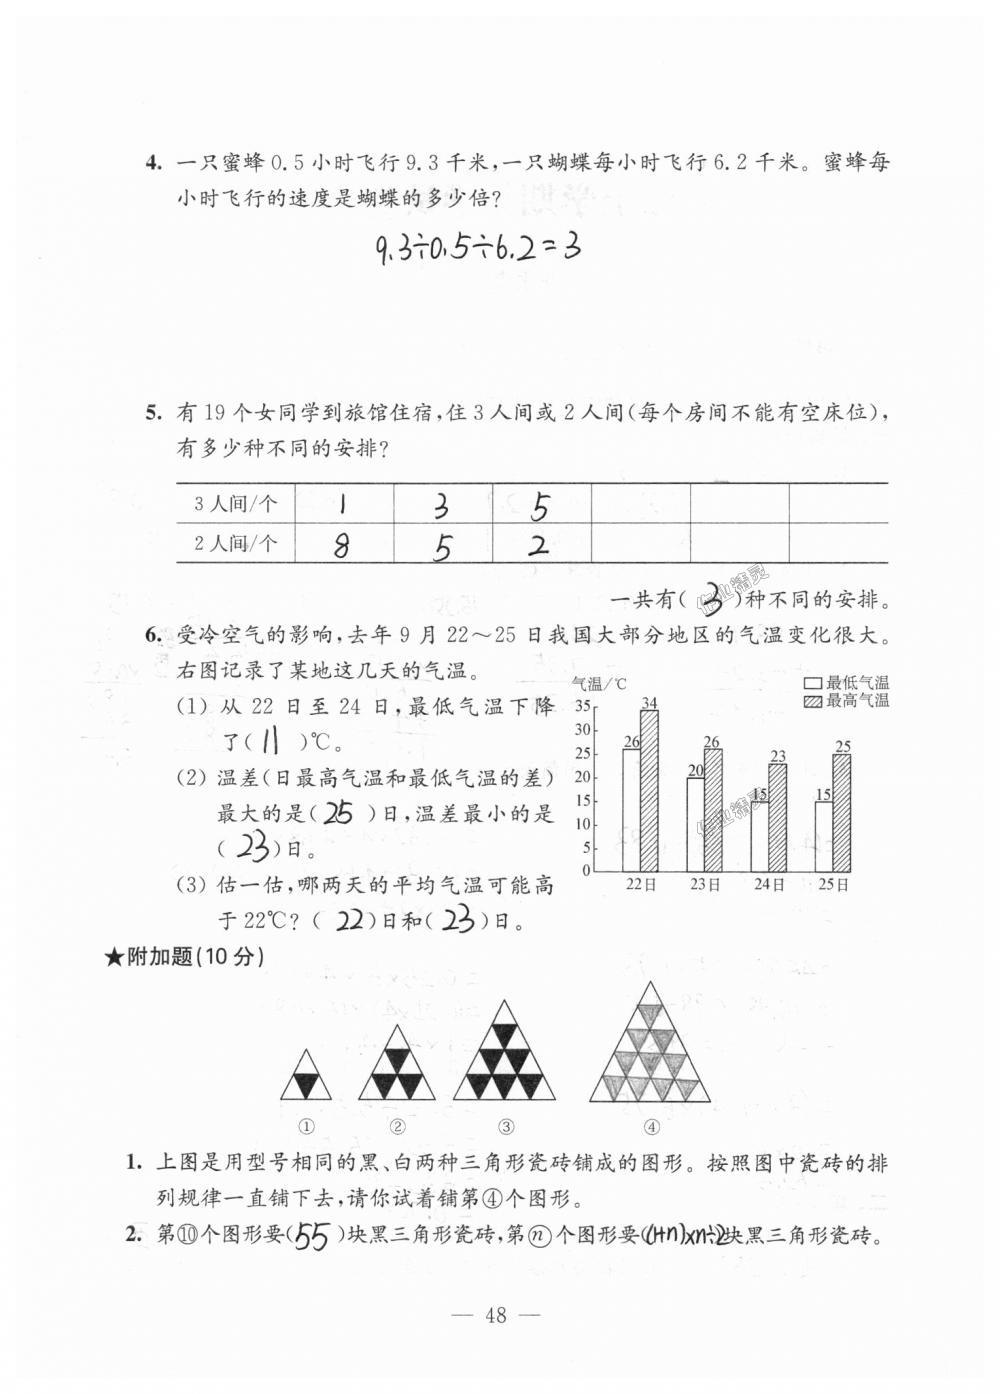 2018年练习与测试检测卷五年级数学上册苏教版第48页